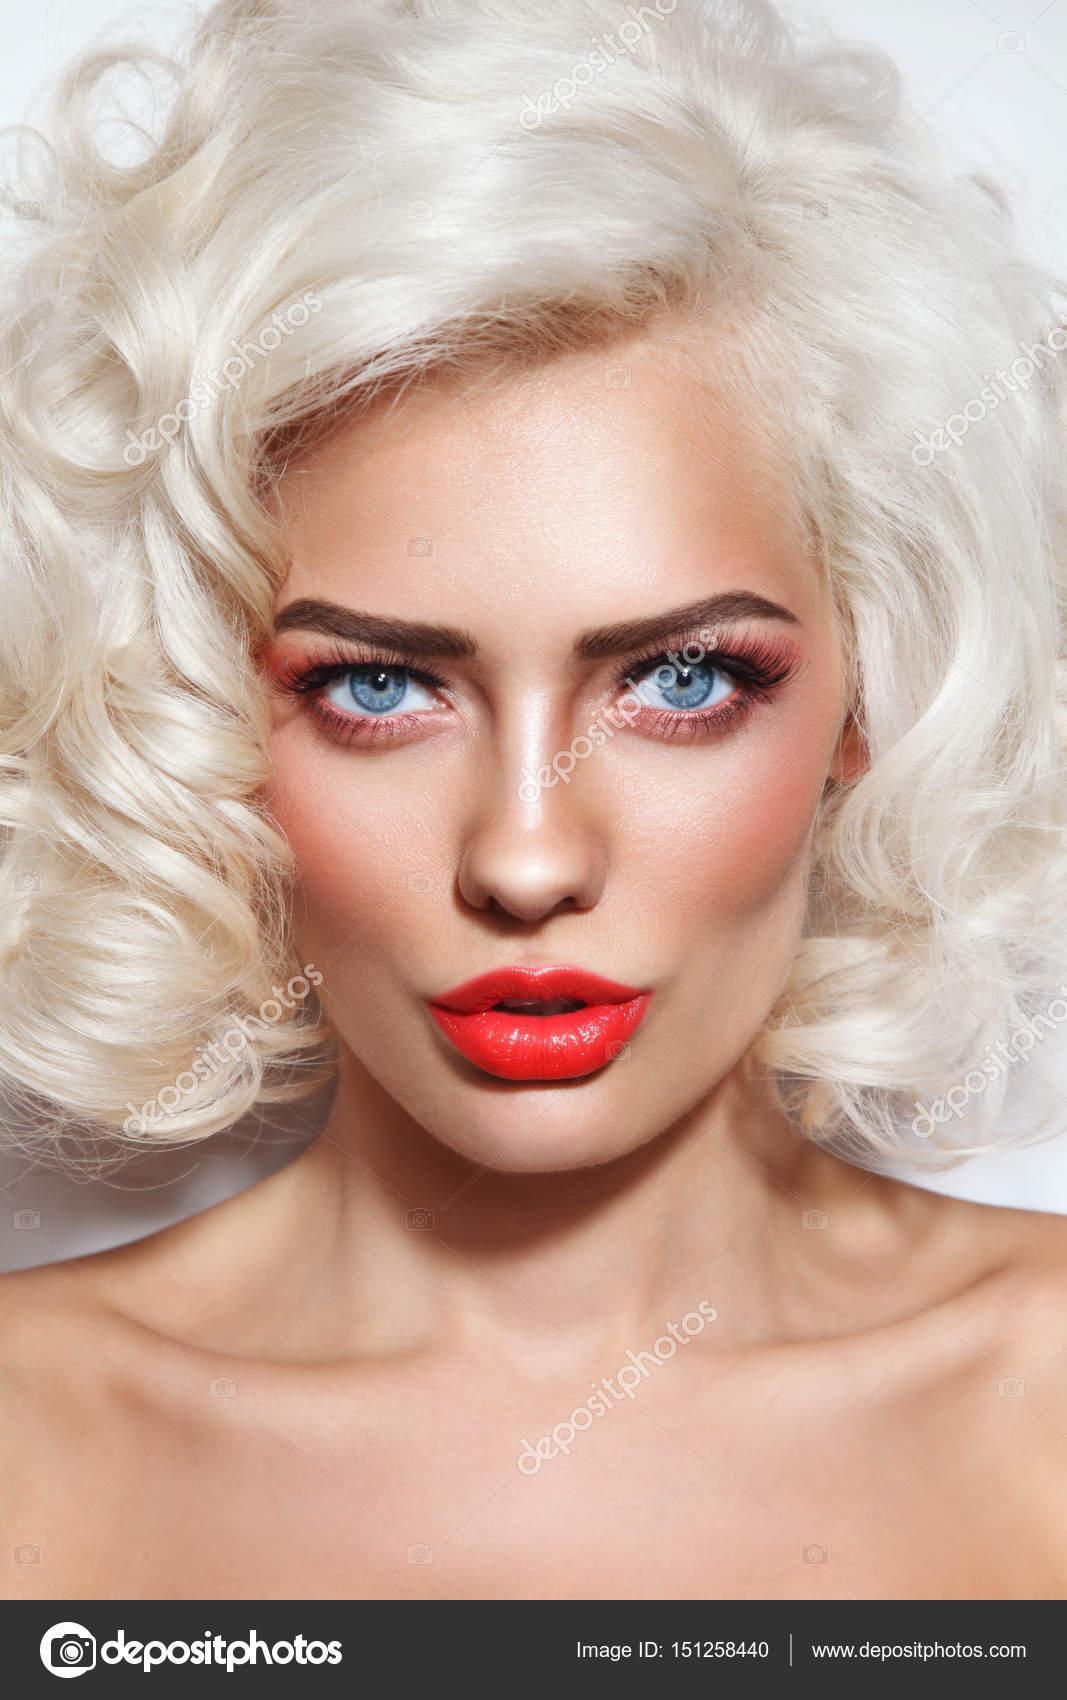 femme avec des cheveux bouclés blond platine — photographie